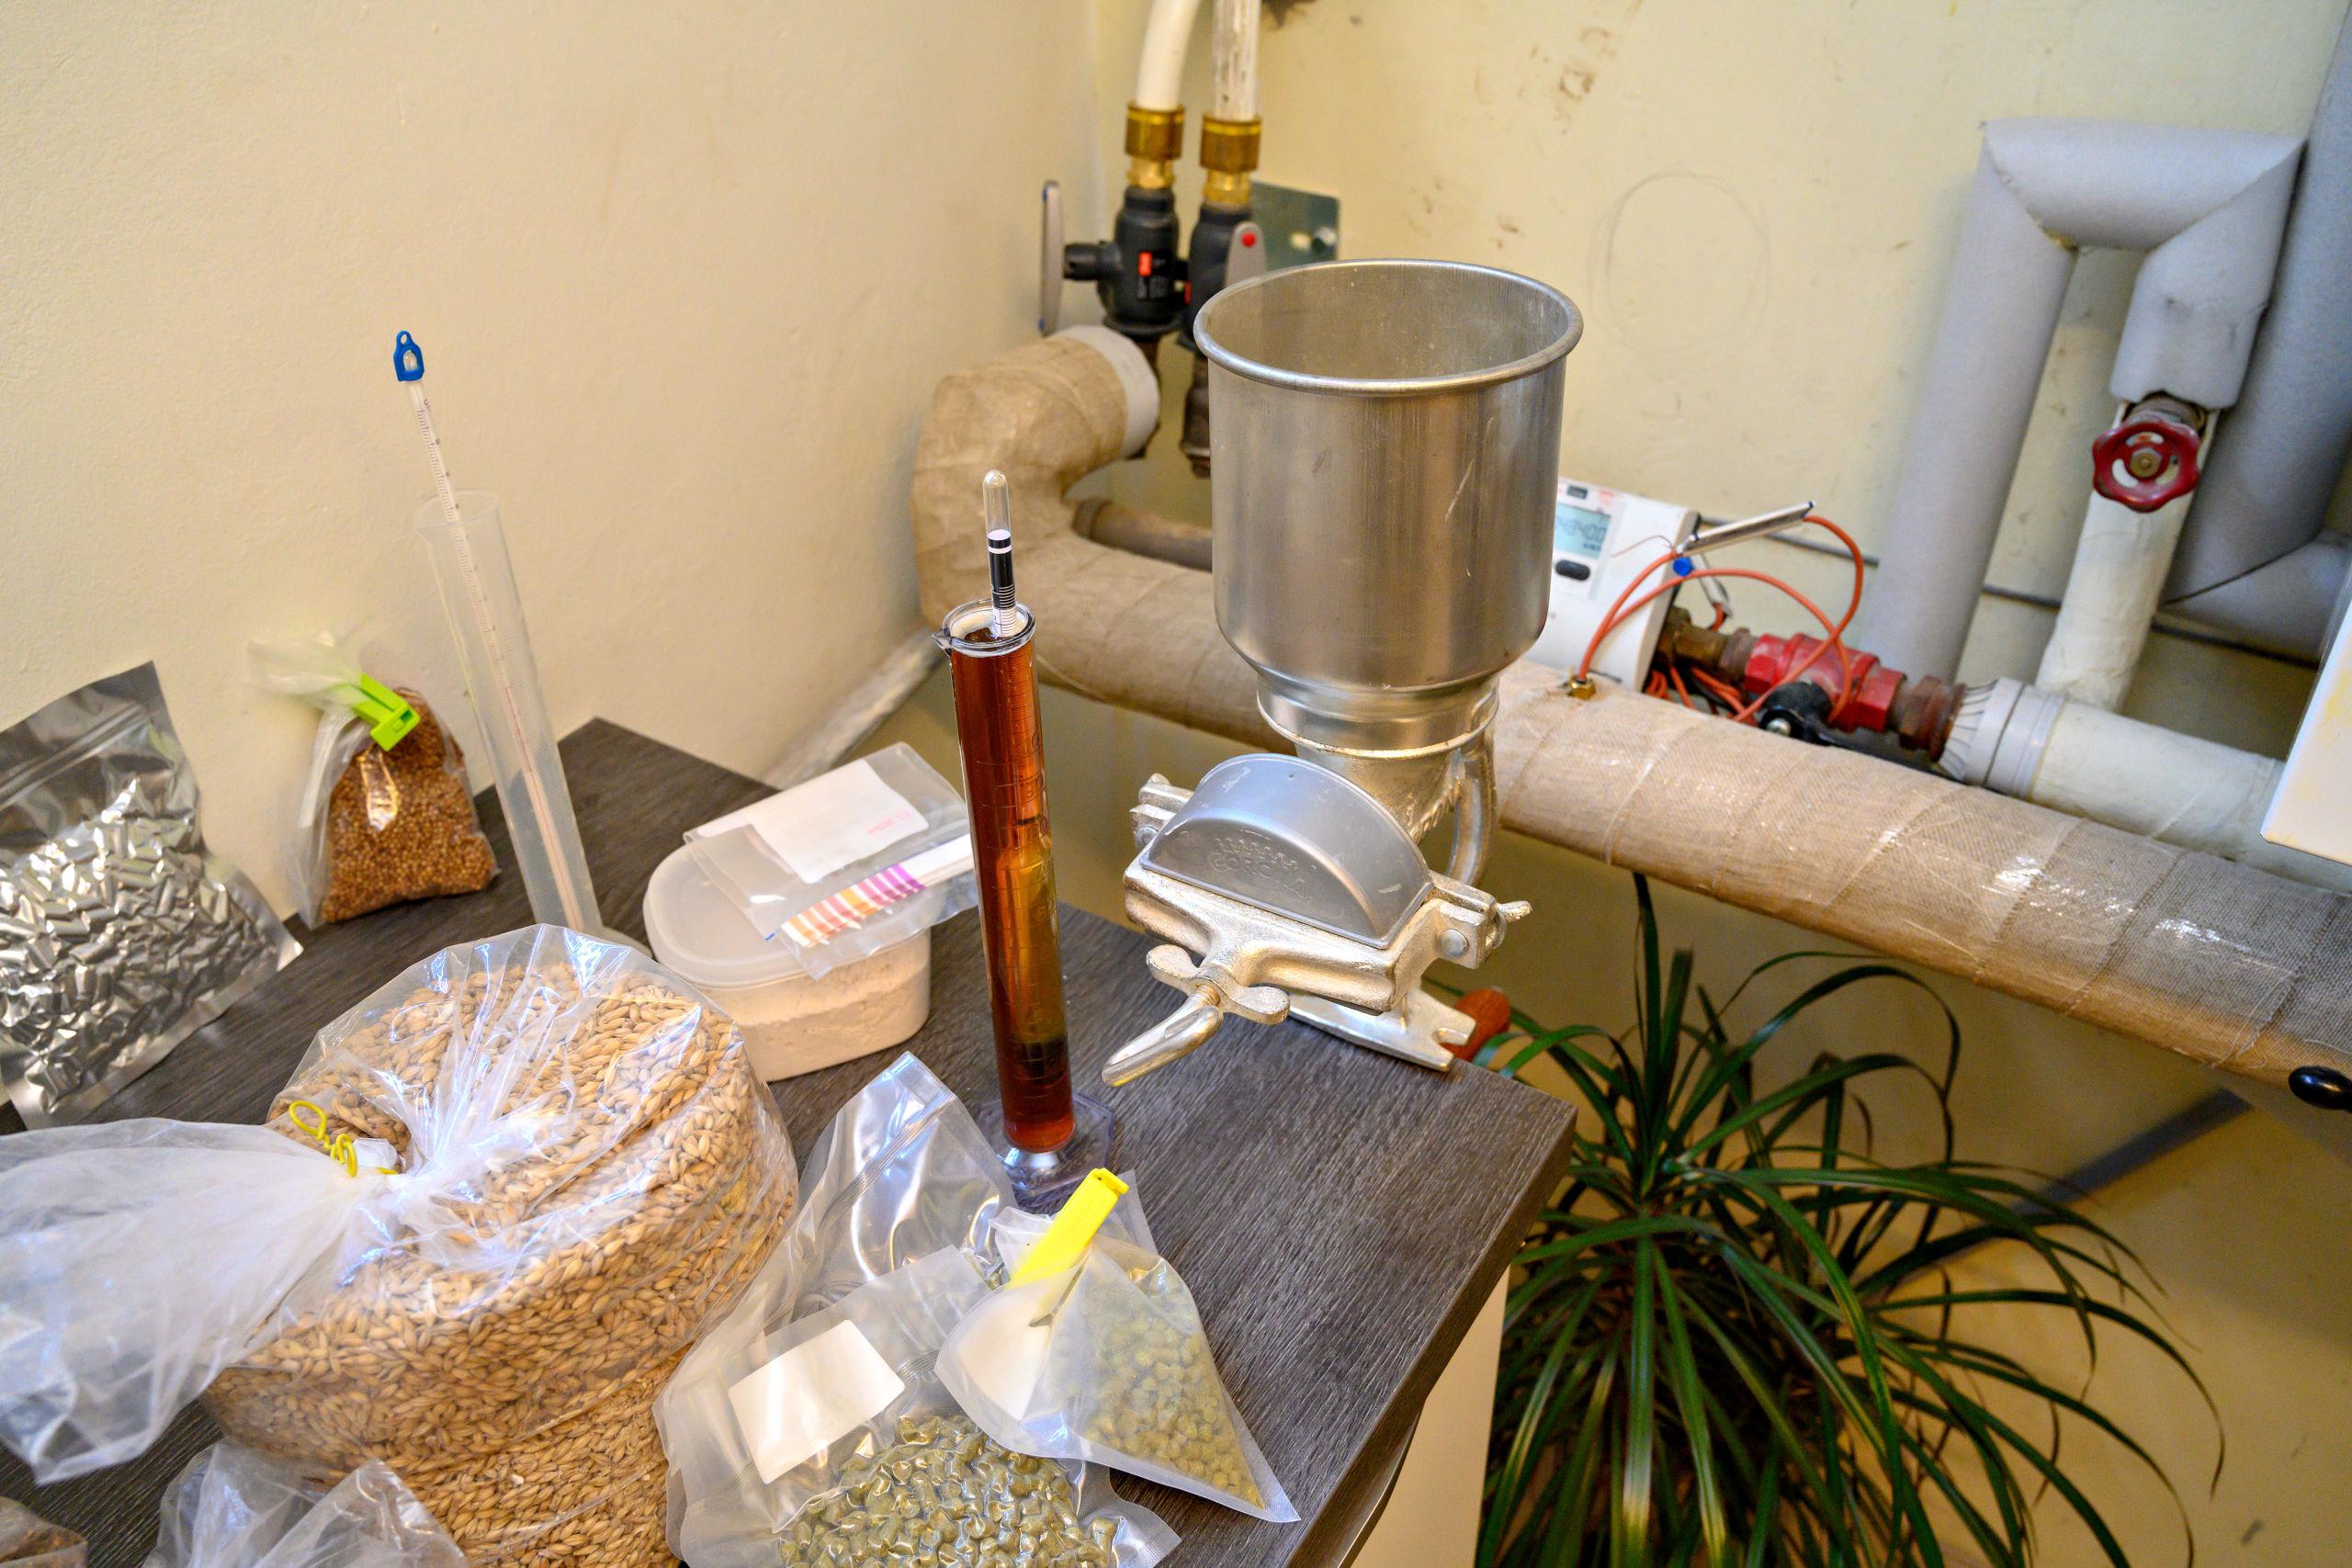 Det gælder om at få blandet alle ingredienser i det rette indbyrdes forhold i bestræbelserne på at skabe en lækker og prisvindende øl, og den vanskelige kunst har Carsten Hjort Bjerre i høj grad tilegnet sig. Foto: Kurt Bering